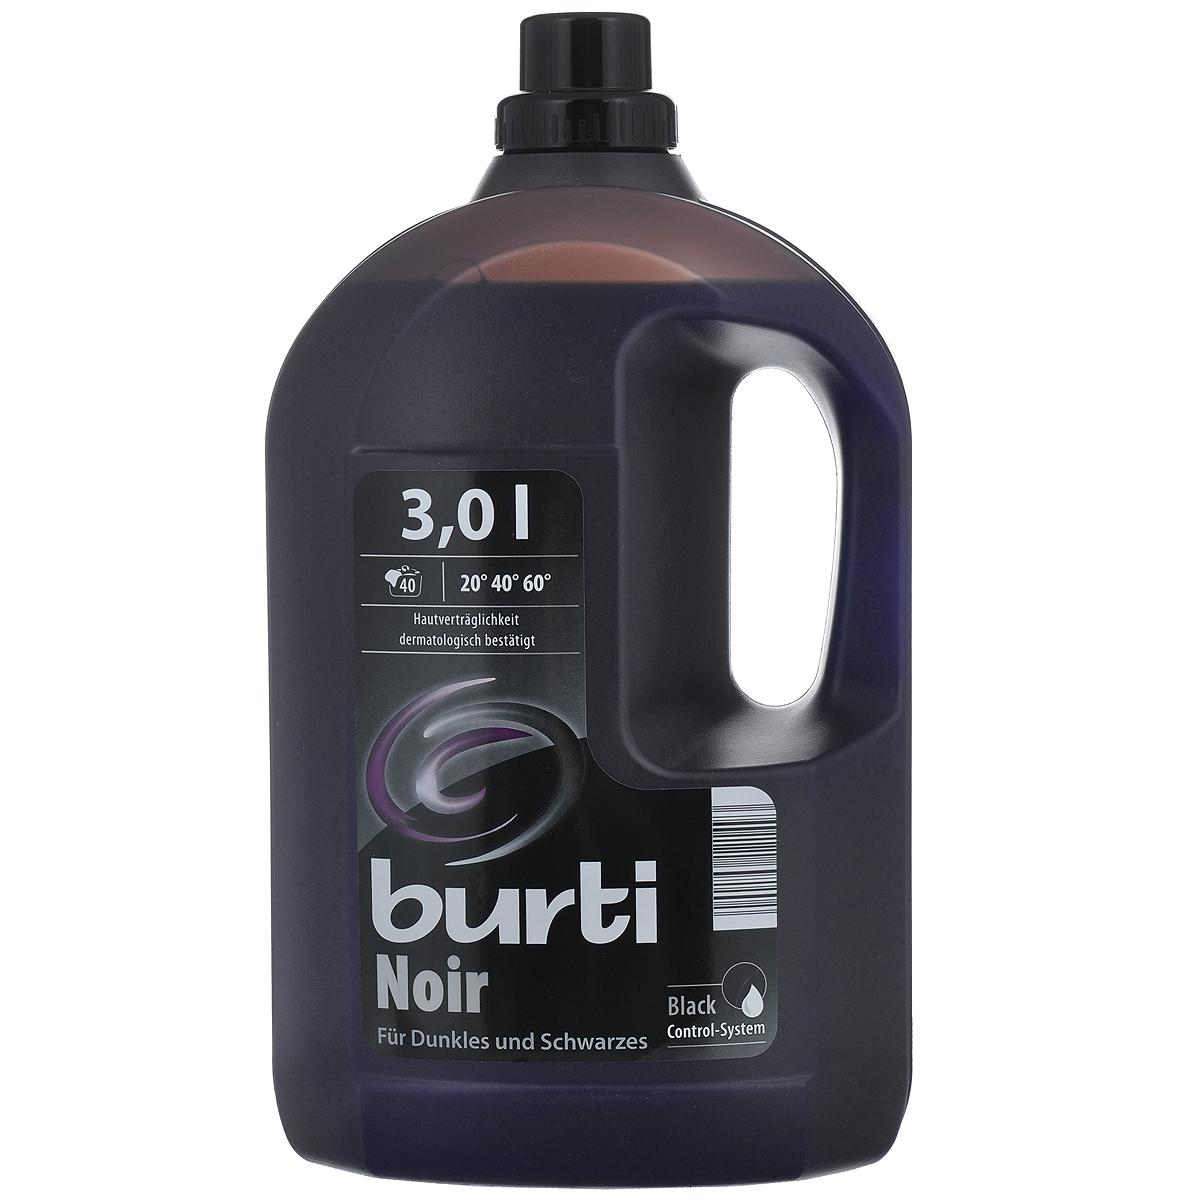 Жидкое средство Burti Noir для стирки черного и темного белья, 3 л269580021Жидкое синтетическое средство Burti Noir предназначено для стирки черного и темного белья, оно предотвращает линьку и осветление темных тканей. Средство обладает уникальной формулой, сохраняющей интенсивность цвета - чтобы черное всегда оставалось черным! Цвет ваших темных вещей приобретет новую свежесть. Может использоваться как для ручной, так и для машинной стирки. Подходит для стирки компрессионного белья. Жидкое средство Burti Noir дерматологически тестировано, гигиенично и гипоаллергенно. Объем: 3 л. Состав: BENZlSOTHIAZOLIONE, METHYLISOTHIAZOLIONE, энзимы (CELLULASE, PROTEASE), ароматизаторы (LIMONENE, HEXYL CINNAMAL), BUTYLPHENYL METHYLPROPIONAL, CITRONELLOL, ALPHA ISOMETHYL IONONE), CI 45100, CI 61585. Товар сертифицирован.